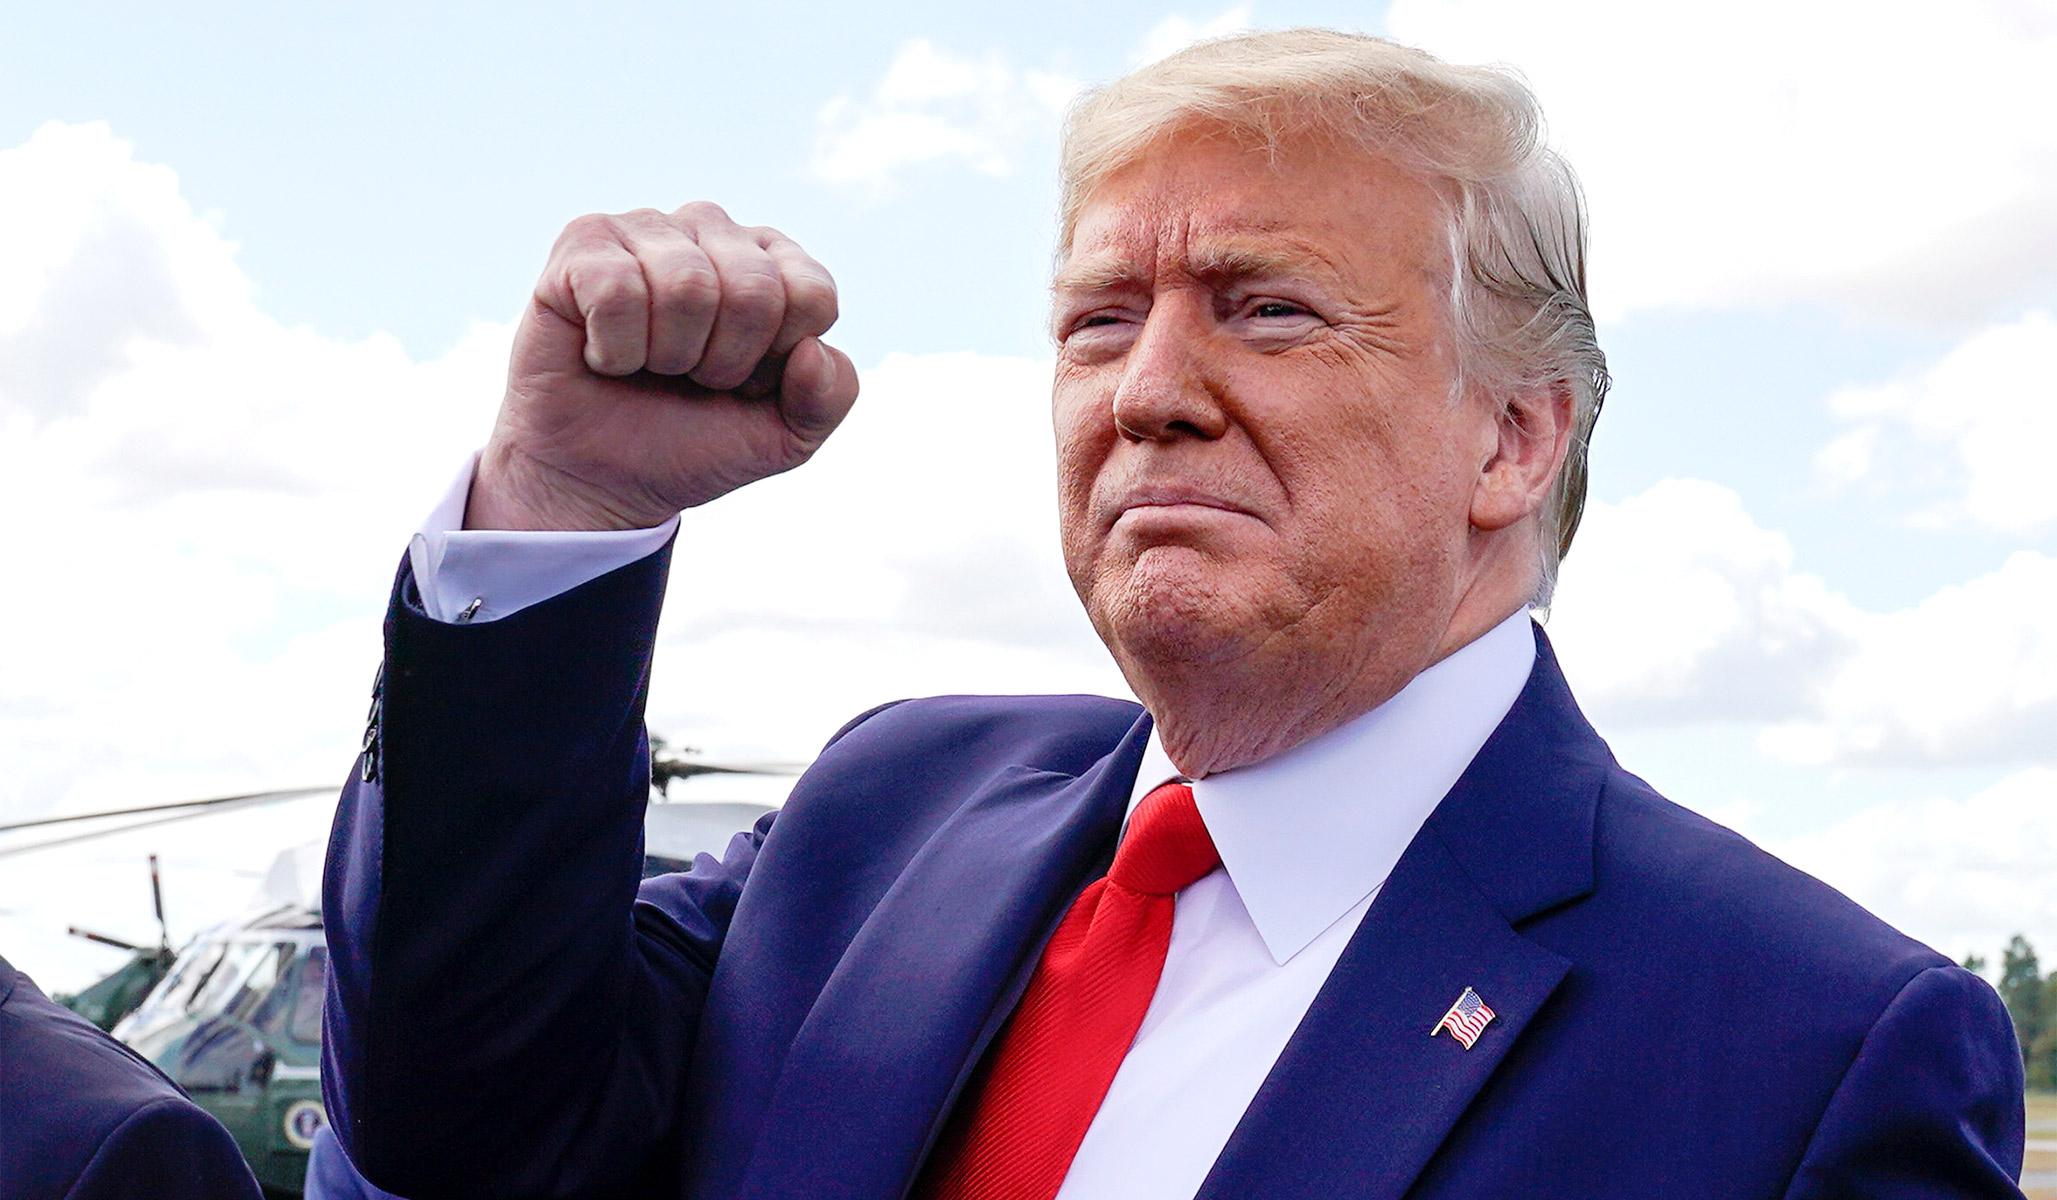 Trump's Impeachment Will Be Trump's Fault